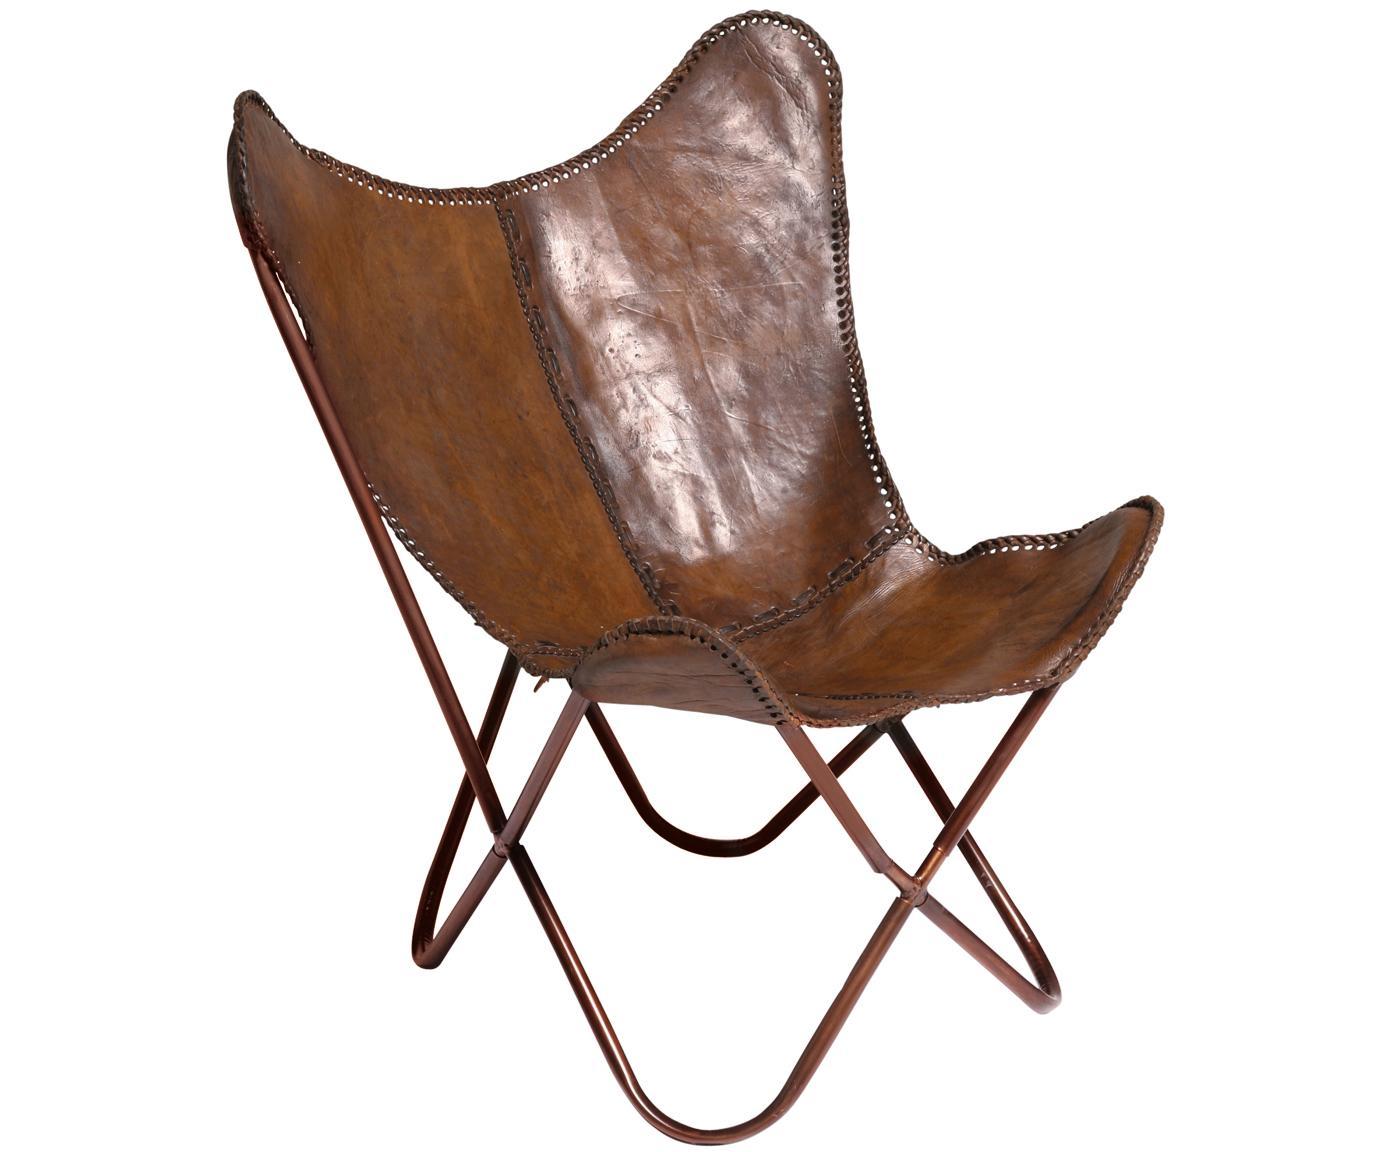 Leren fauteuil Butterfly, Bekleding: runderleer, Frame: gelakt metaal, Bruin, 80 x 87 cm